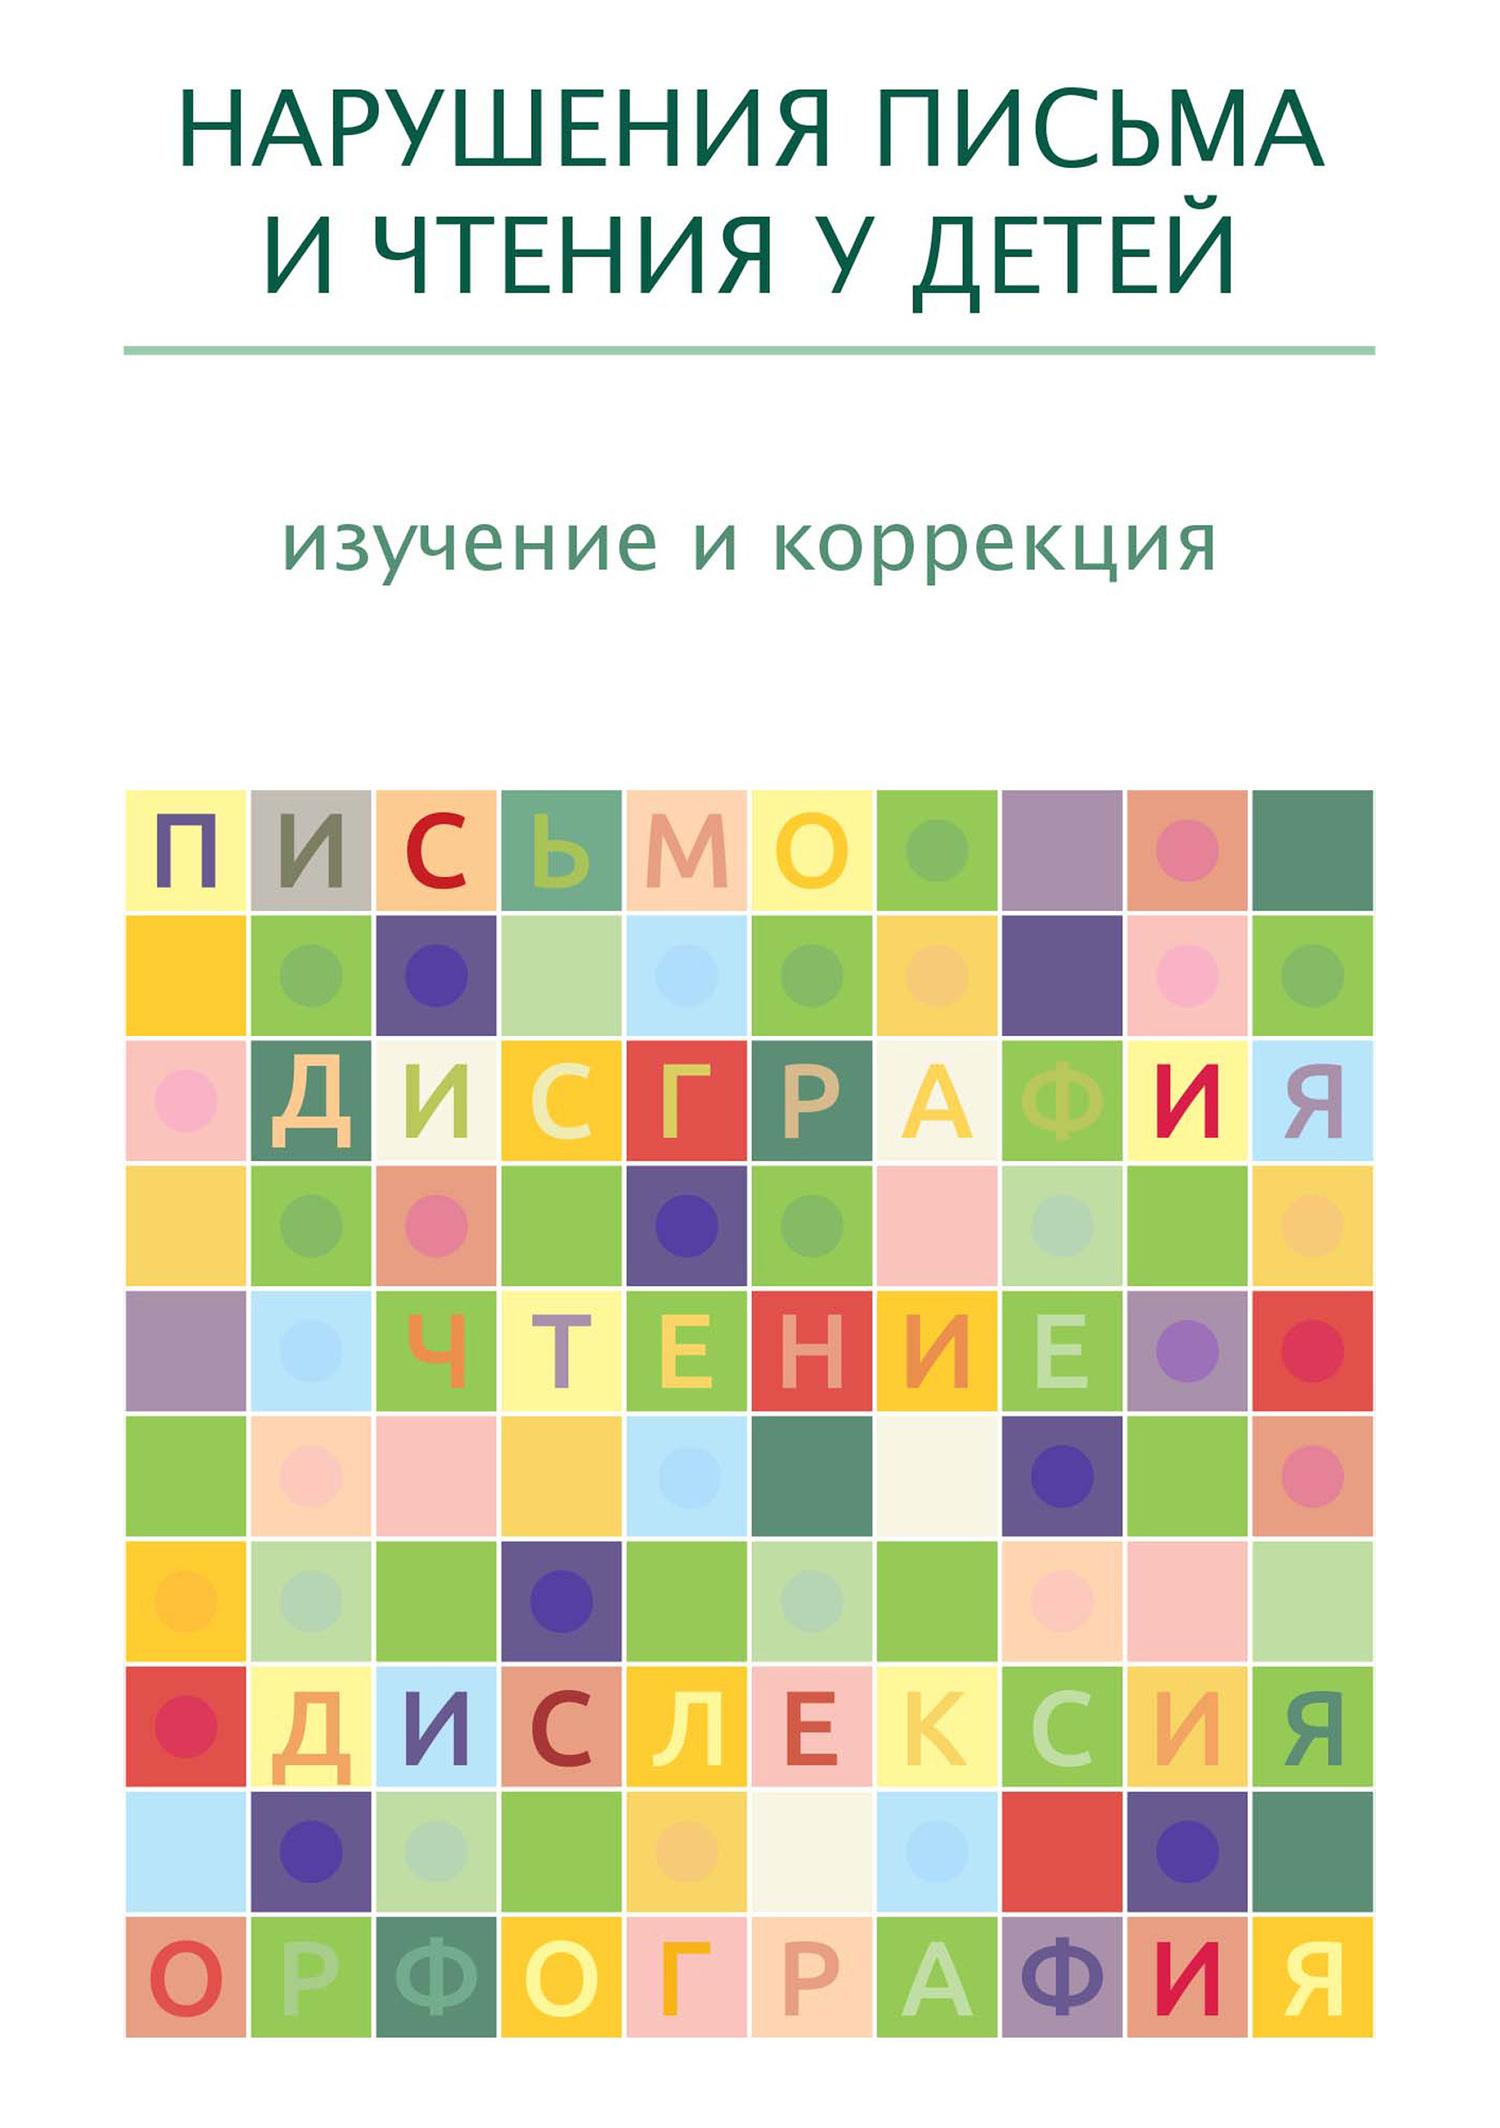 цена на Коллектив авторов Нарушения письма и чтения у детей: изучение и коррекция